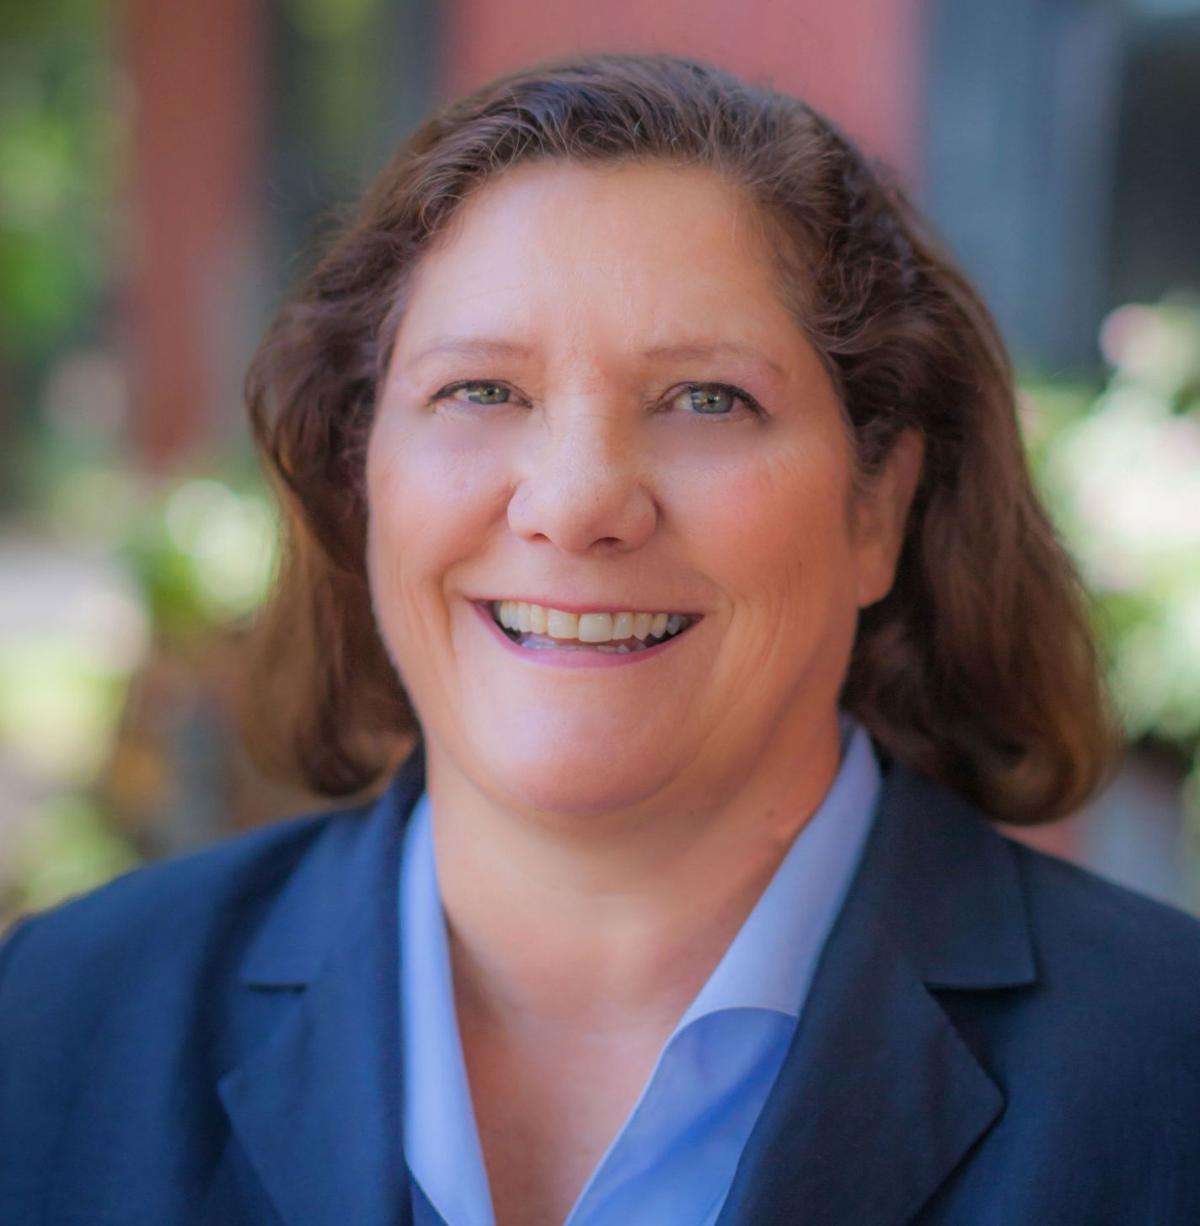 Linda Page